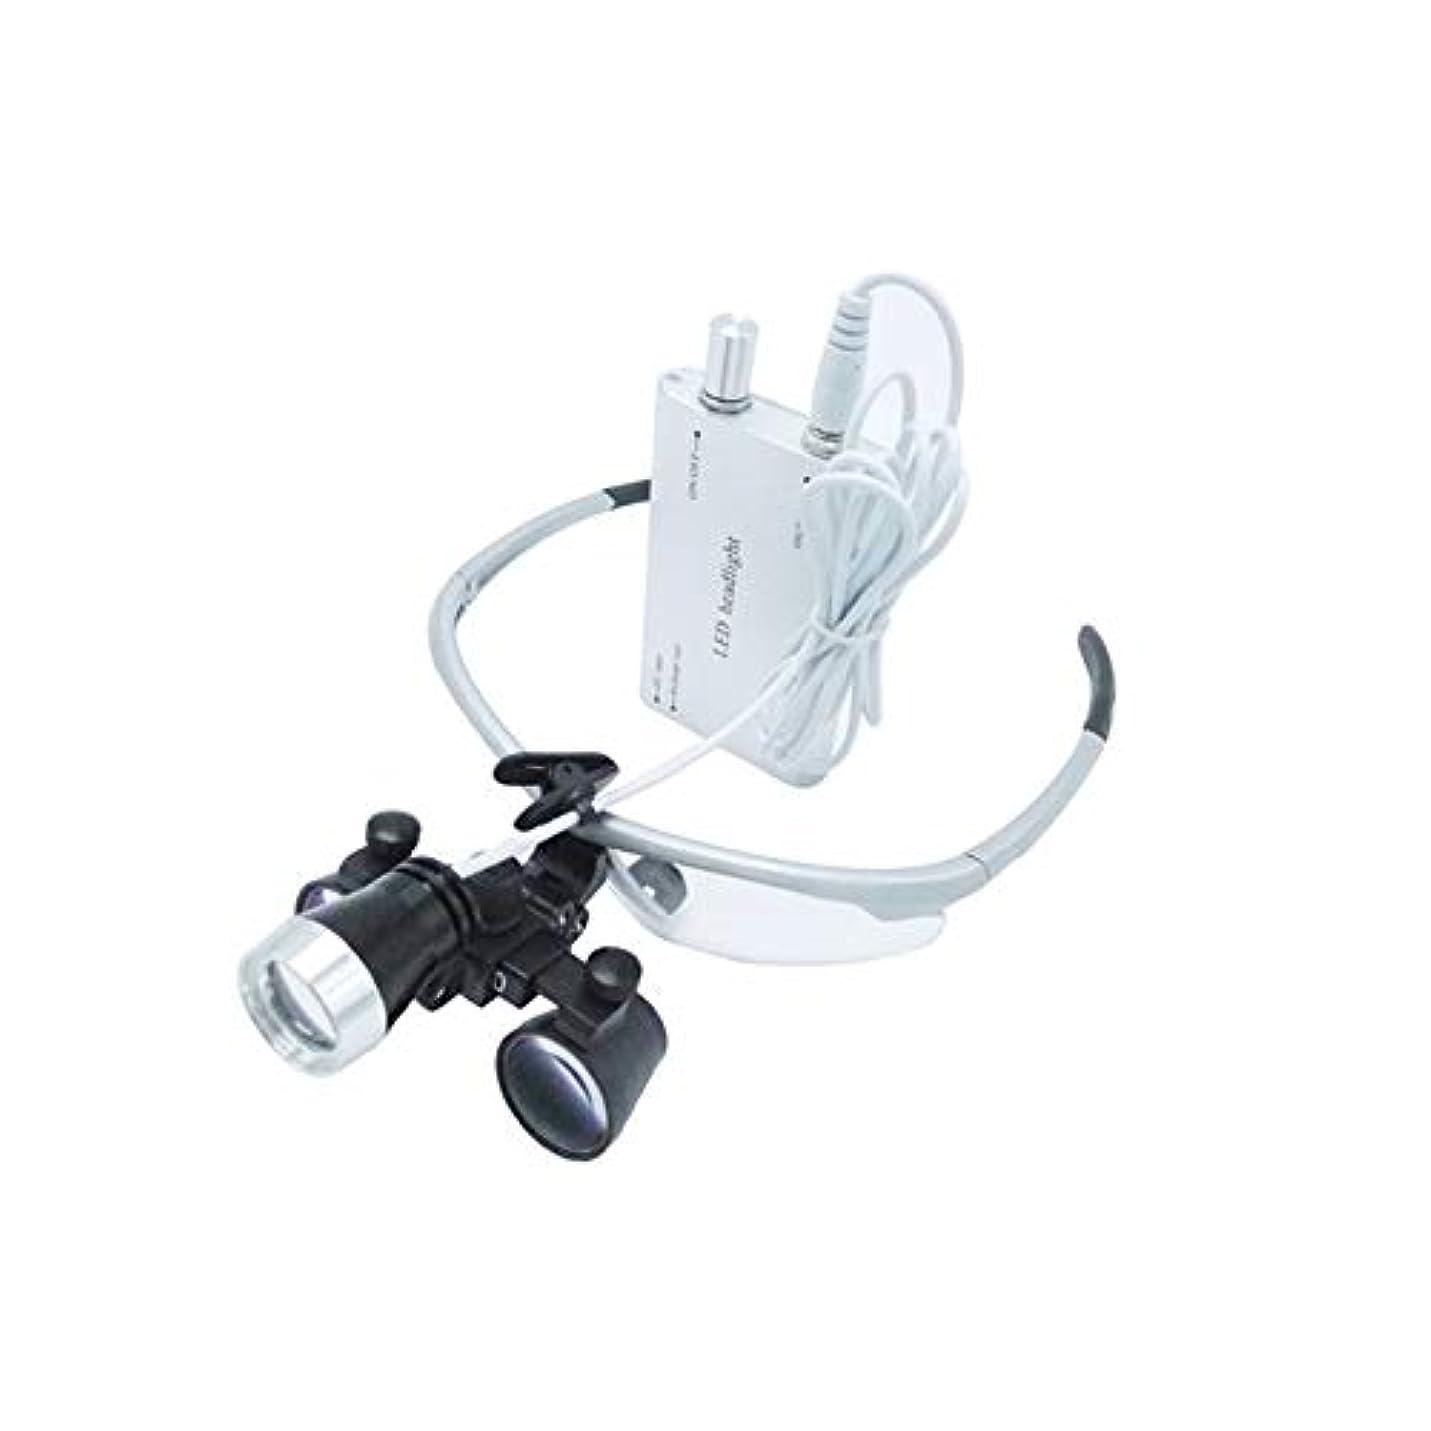 約束するカイウスあらゆる種類のヘッドライトプロの2.5倍拡大鏡シルバー